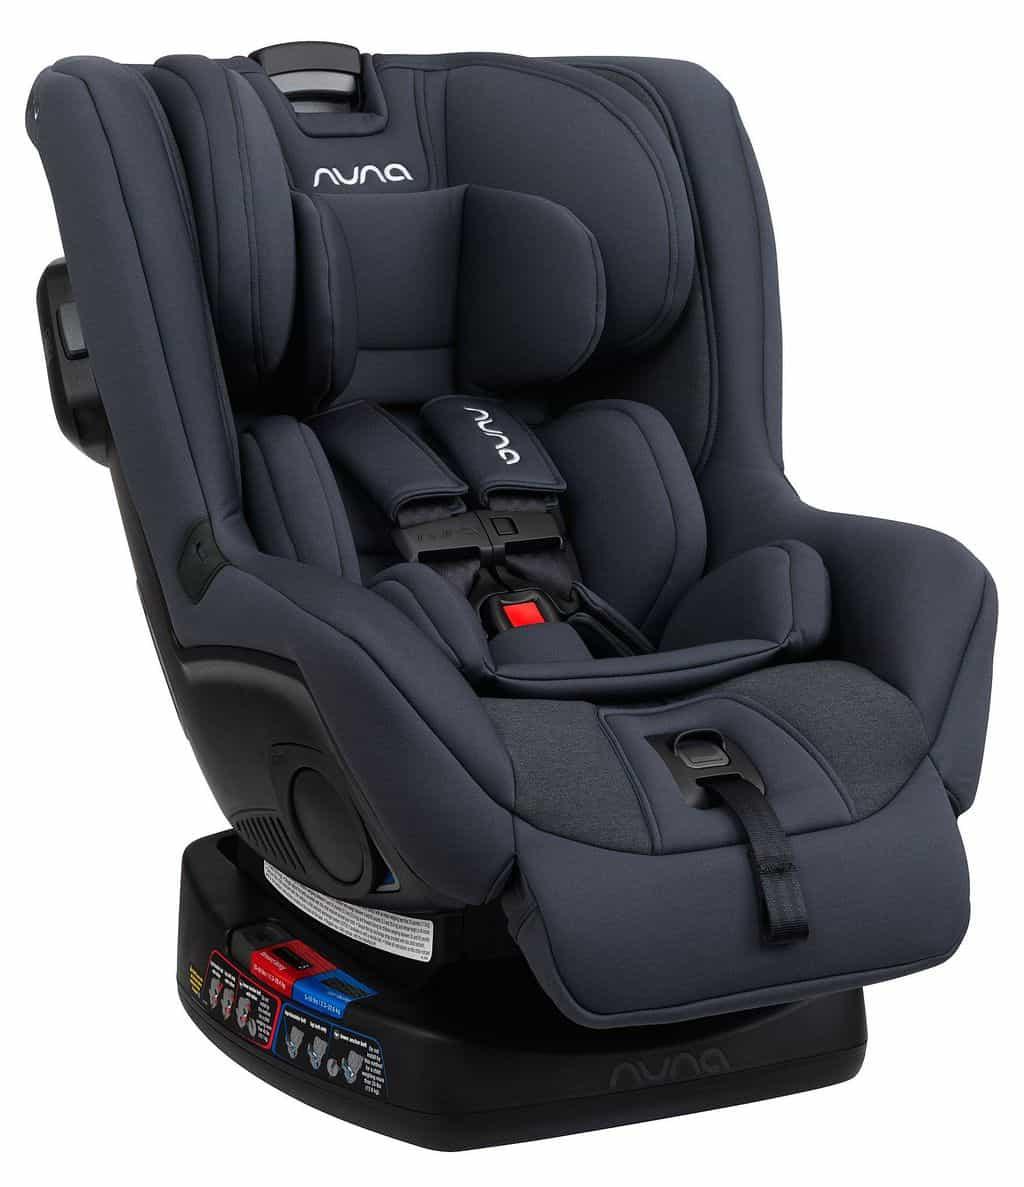 Nuna RAVA as alternative. - Britax Allegiance Car Seat Review | Baby Journey